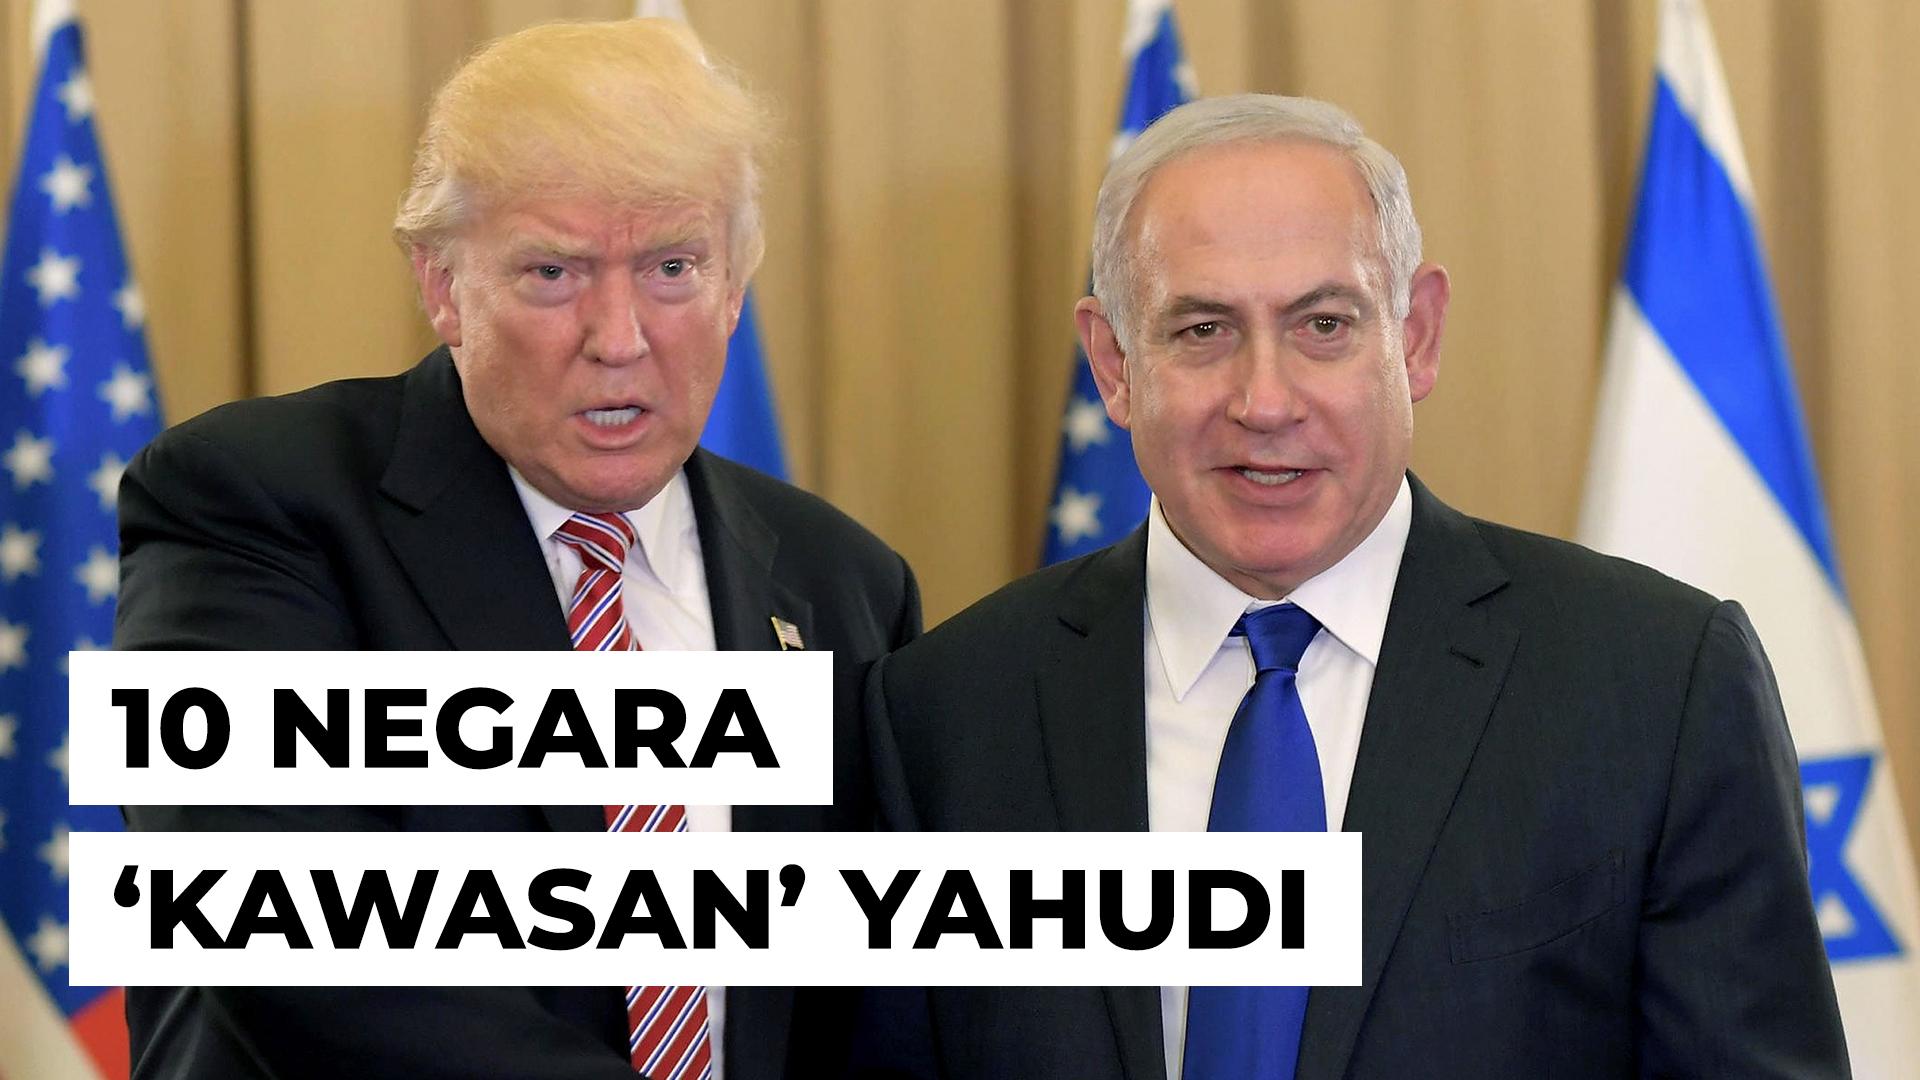 Yahudi di Pelusuk Dunia – 10 Negara 'Kawasan' Yahudi